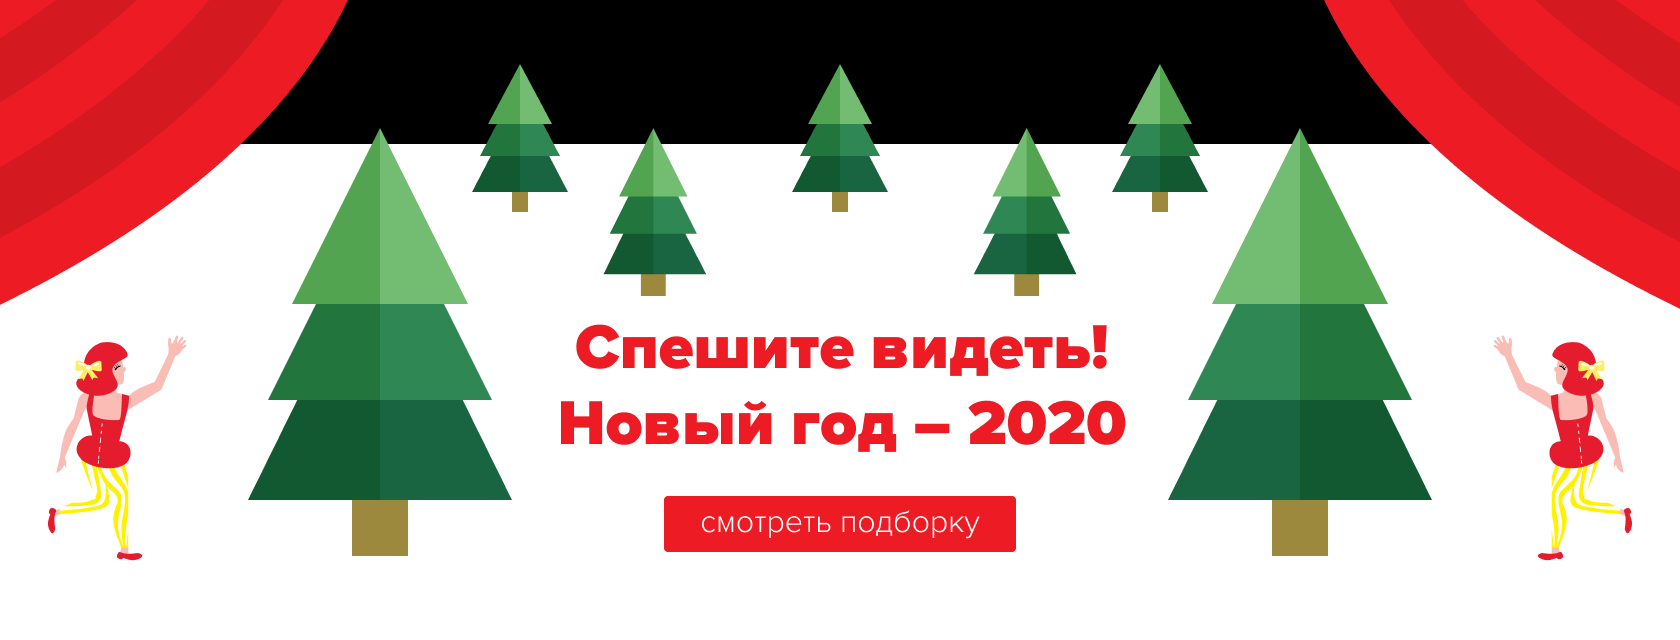 Новогодние товары 2020